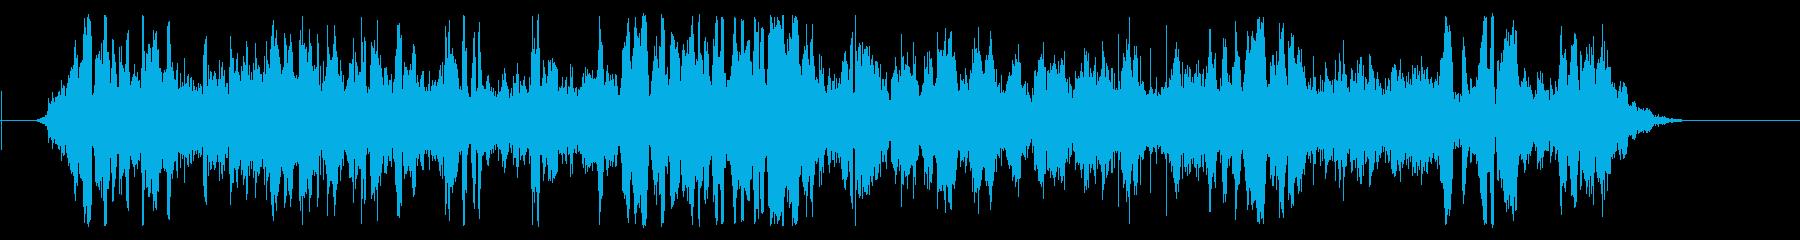 インテリアスチームワゴンの再生済みの波形